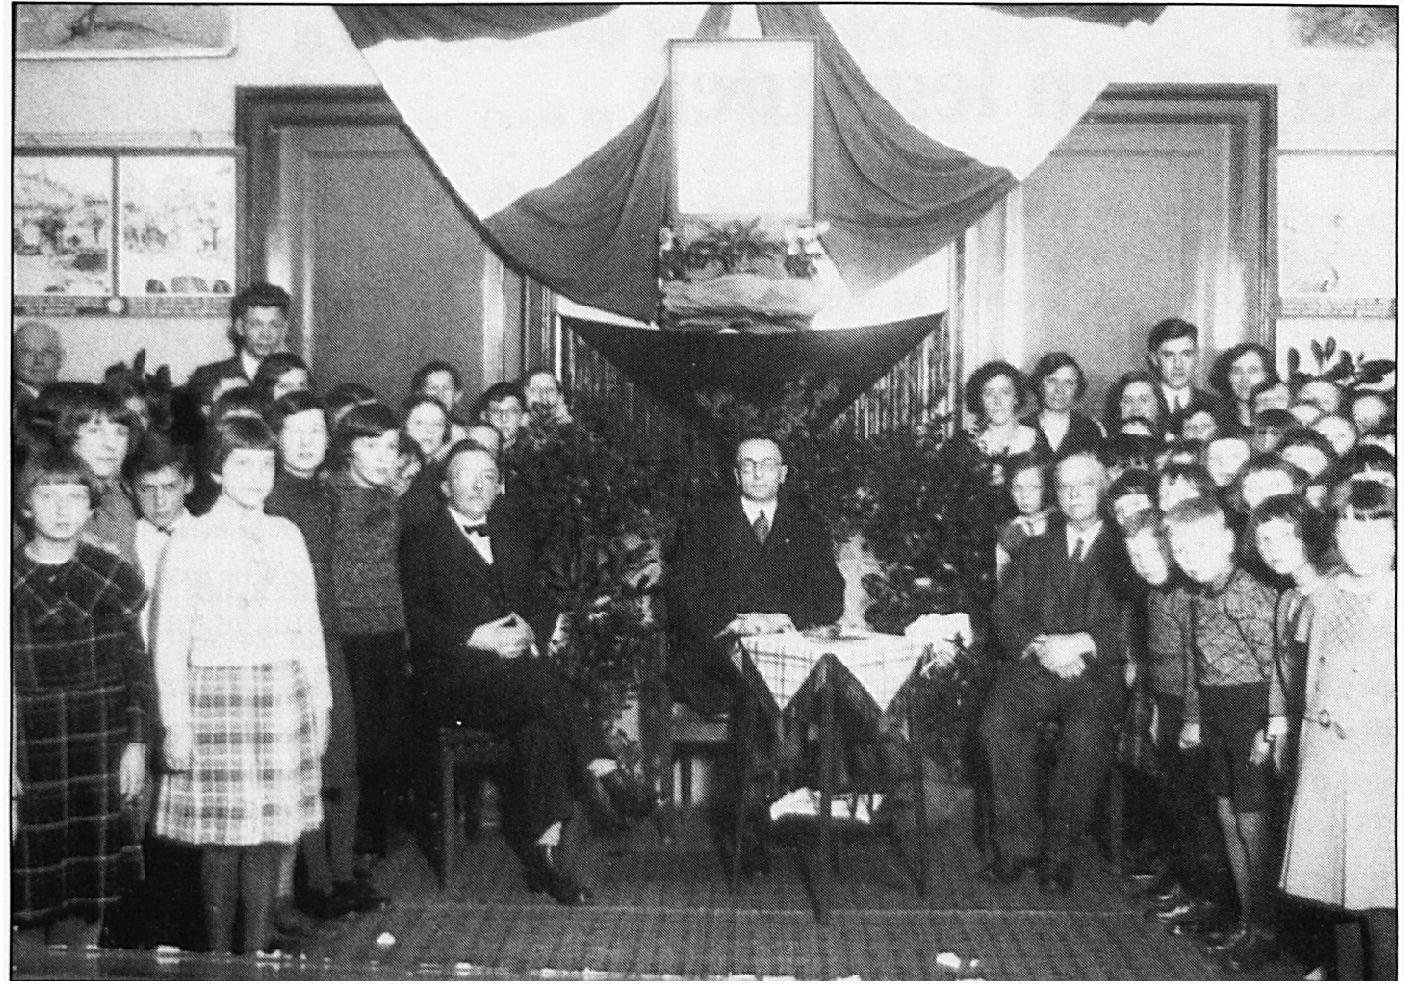 In de openbare school aan de Dorpsstraat werd een feestelijke ontvangst gehouden voor de nieuw benoemde burgemeester Ditters. De burgemeester zit in het midden. Geheel links achteraan meester Kersten.